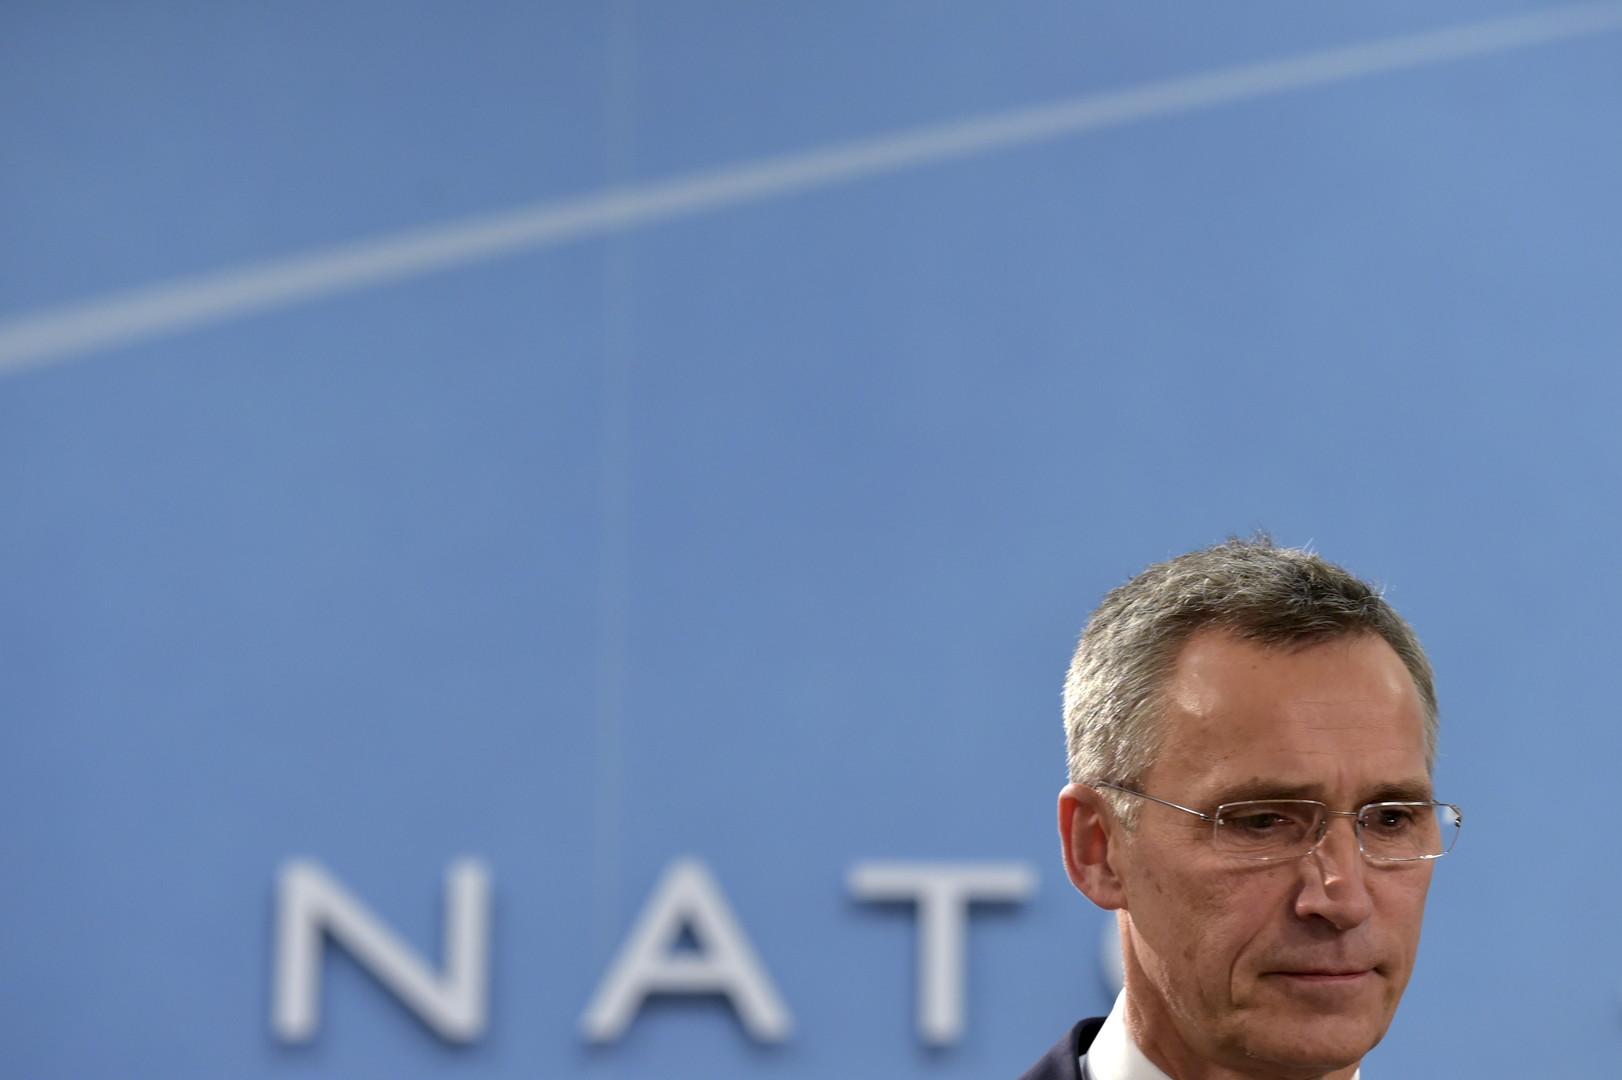 علاقات روسيا والناتو بين مقتضيات التعاون وطموحات الغرب